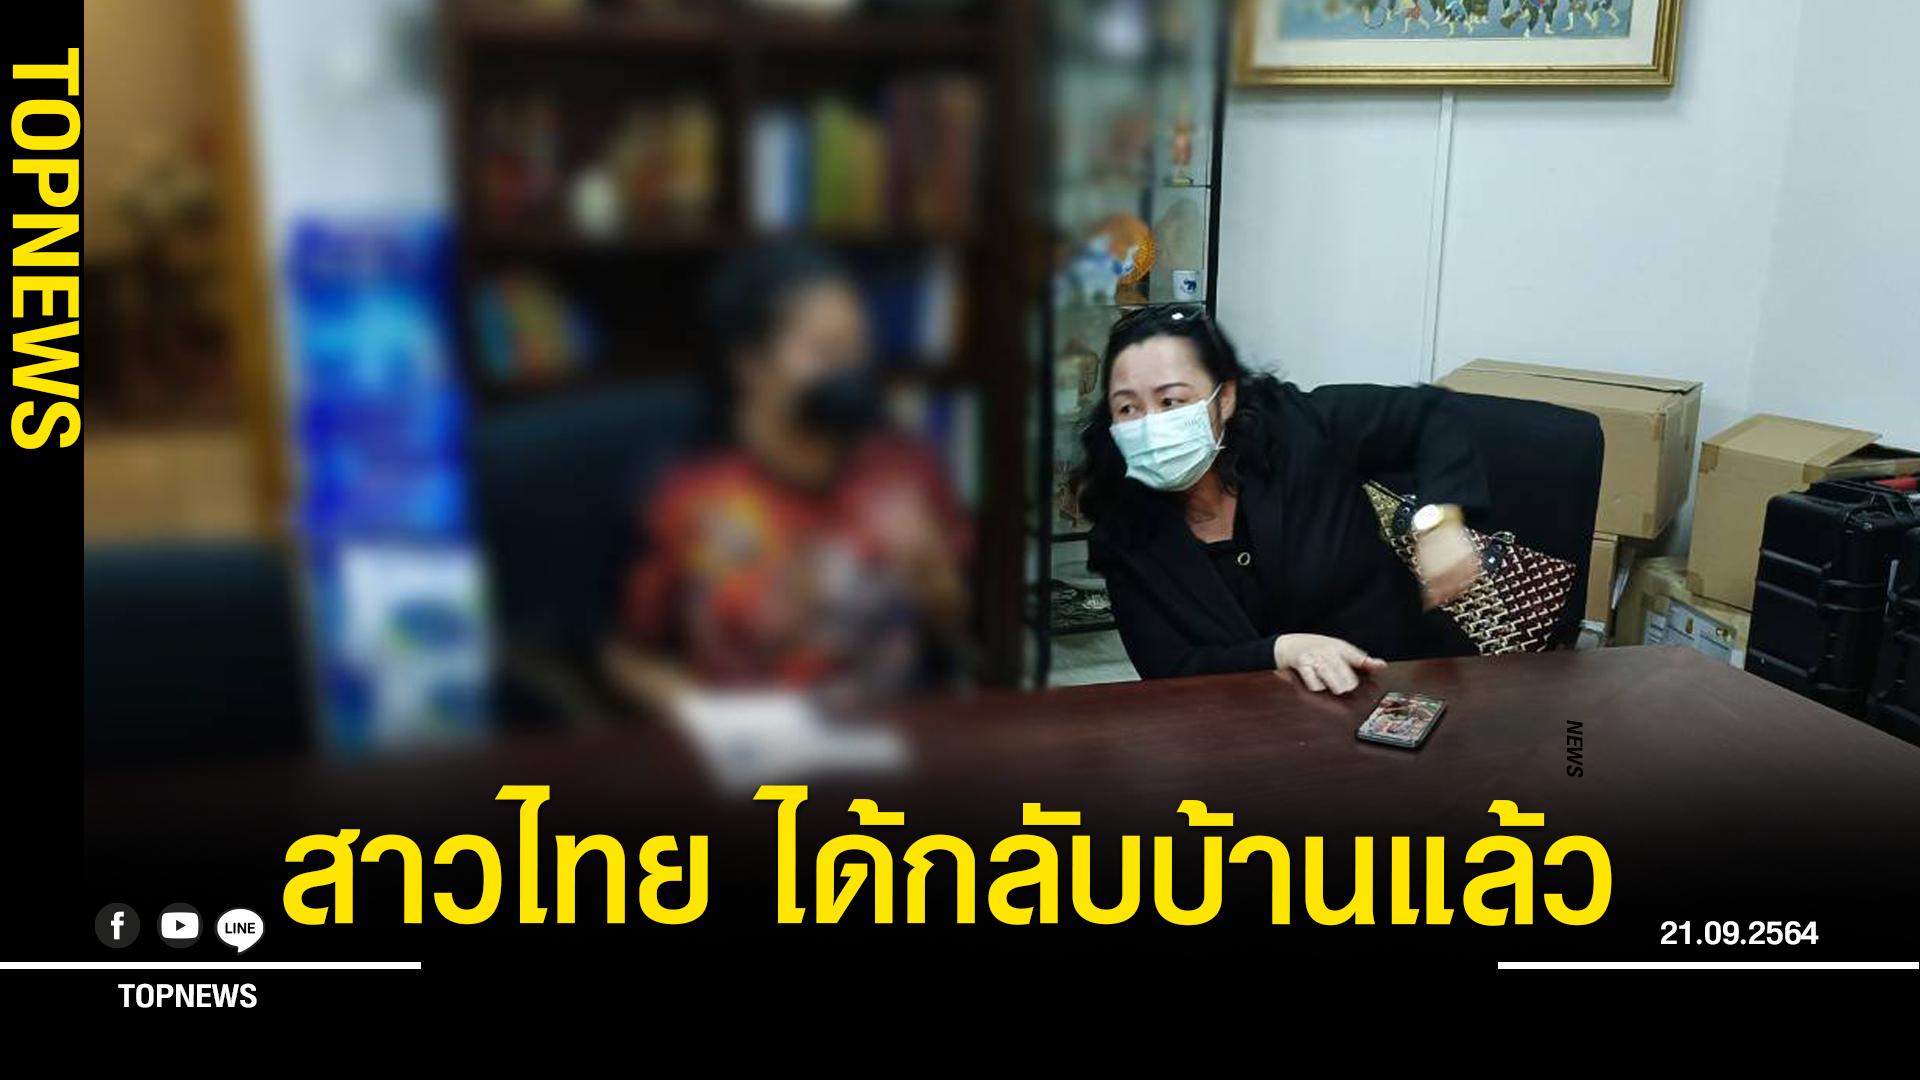 สาวไทย ที่ถูกหลอกไปทำงานดูไบ ได้กลับบ้านแล้ว หลังนายกฯ สั่งการช่วยเหลือ